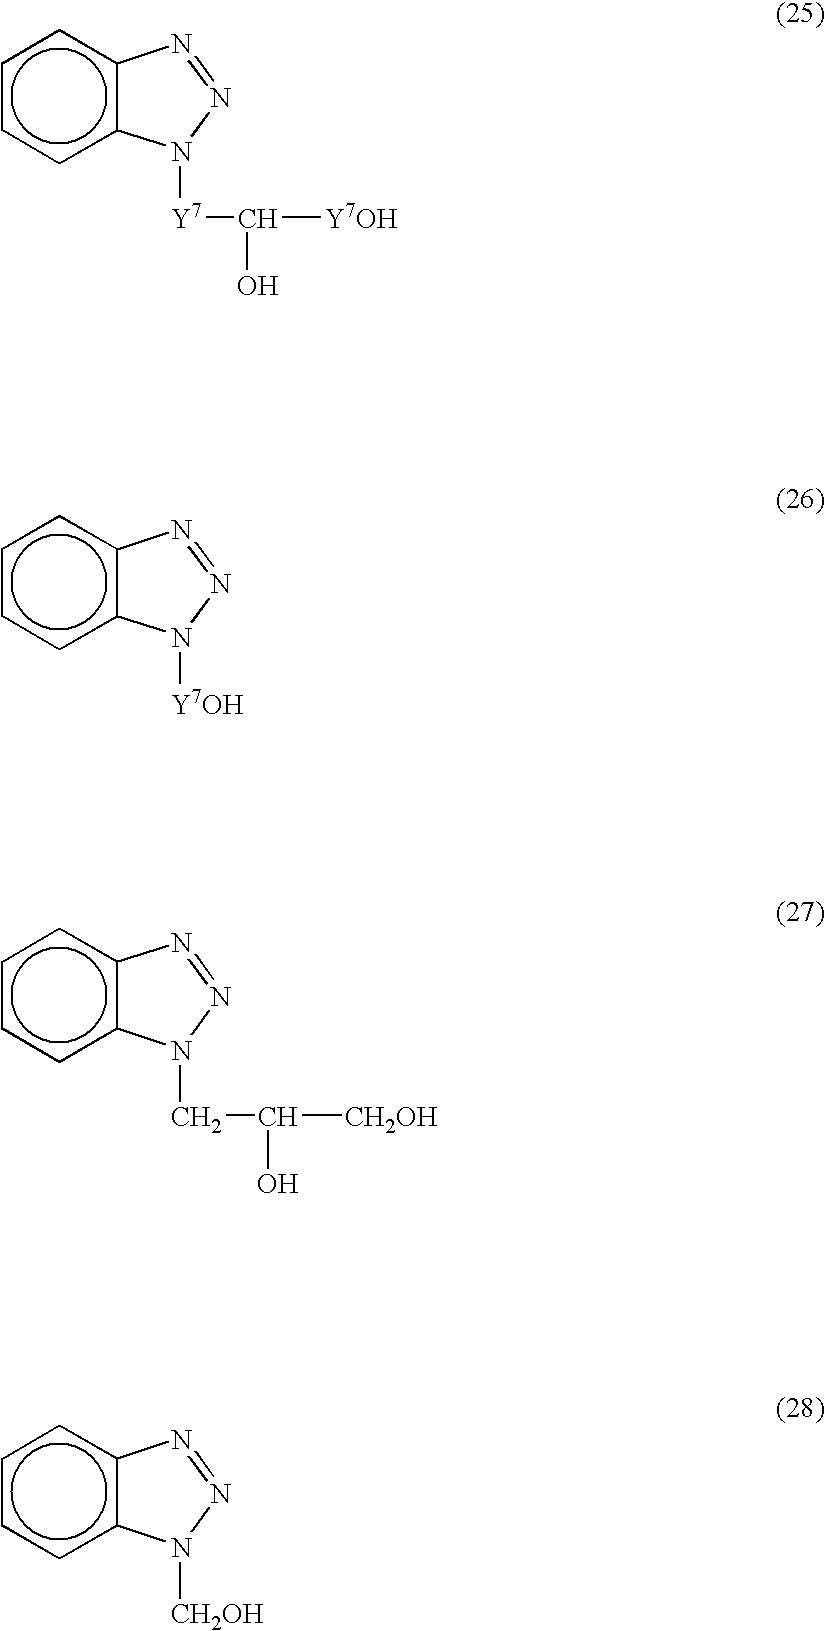 Figure US07485162-20090203-C00015